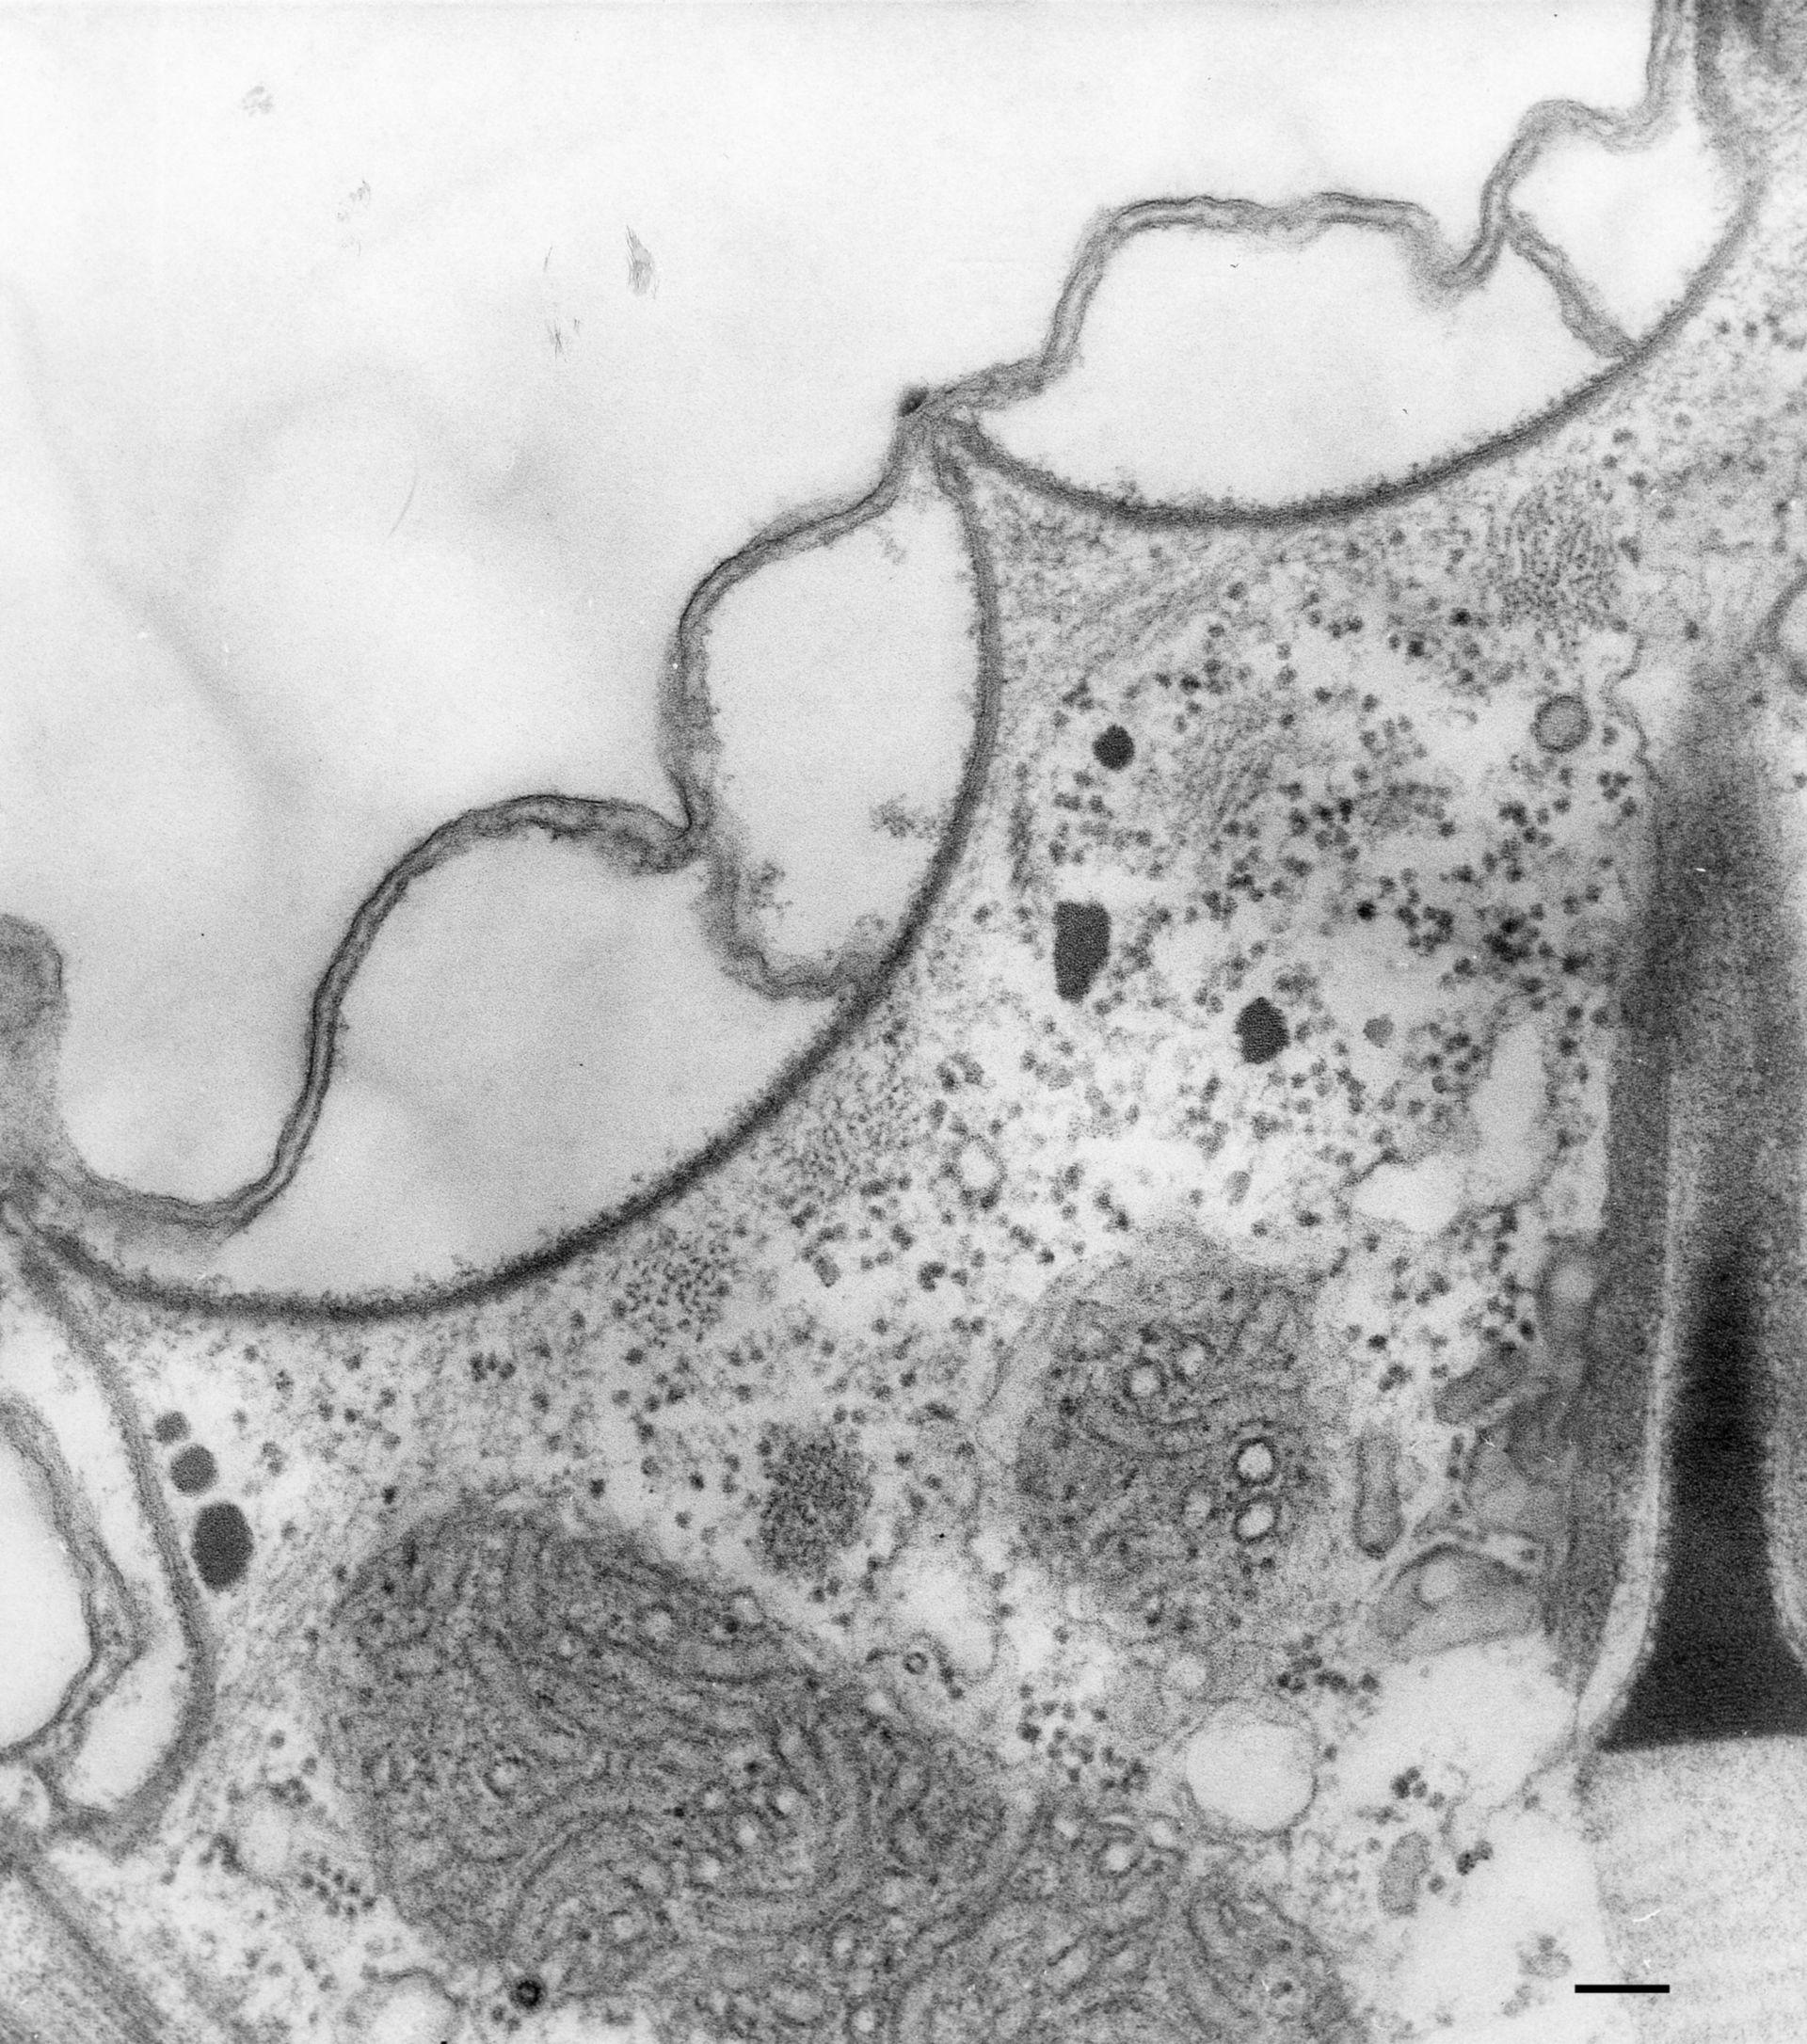 Paramecium multimicronucleatum (Corteccia cellulare) - CIL:36599